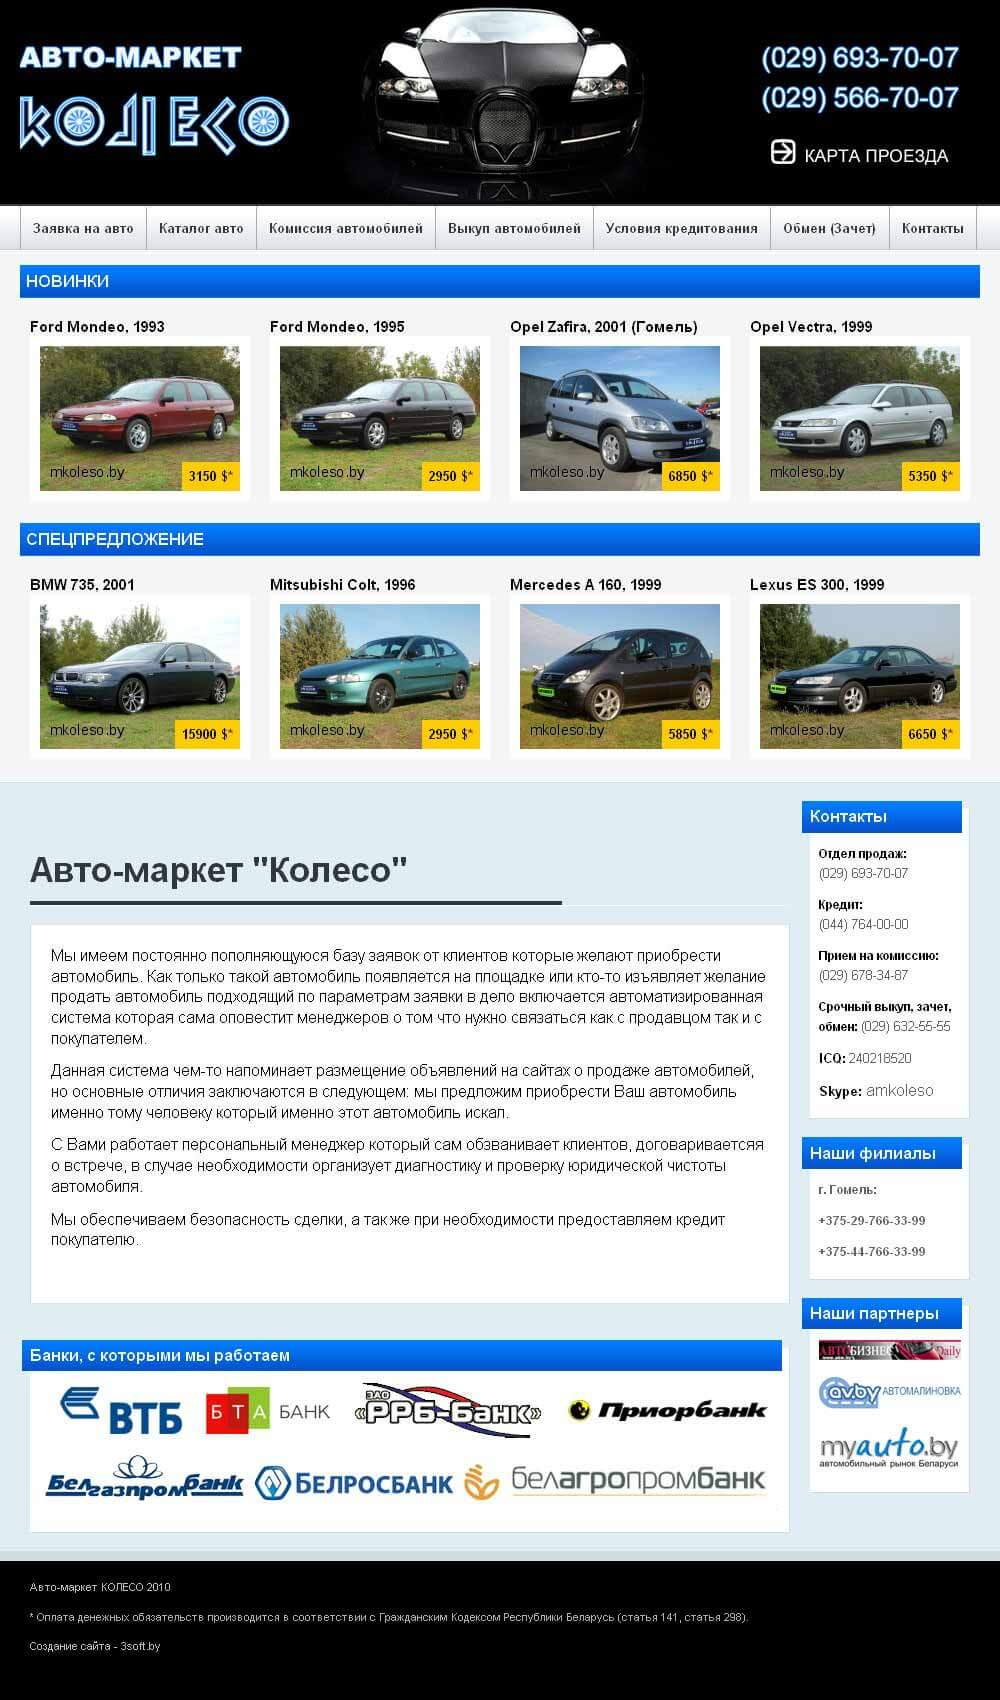 Страница сайта магазина автомобилей «Колесо»